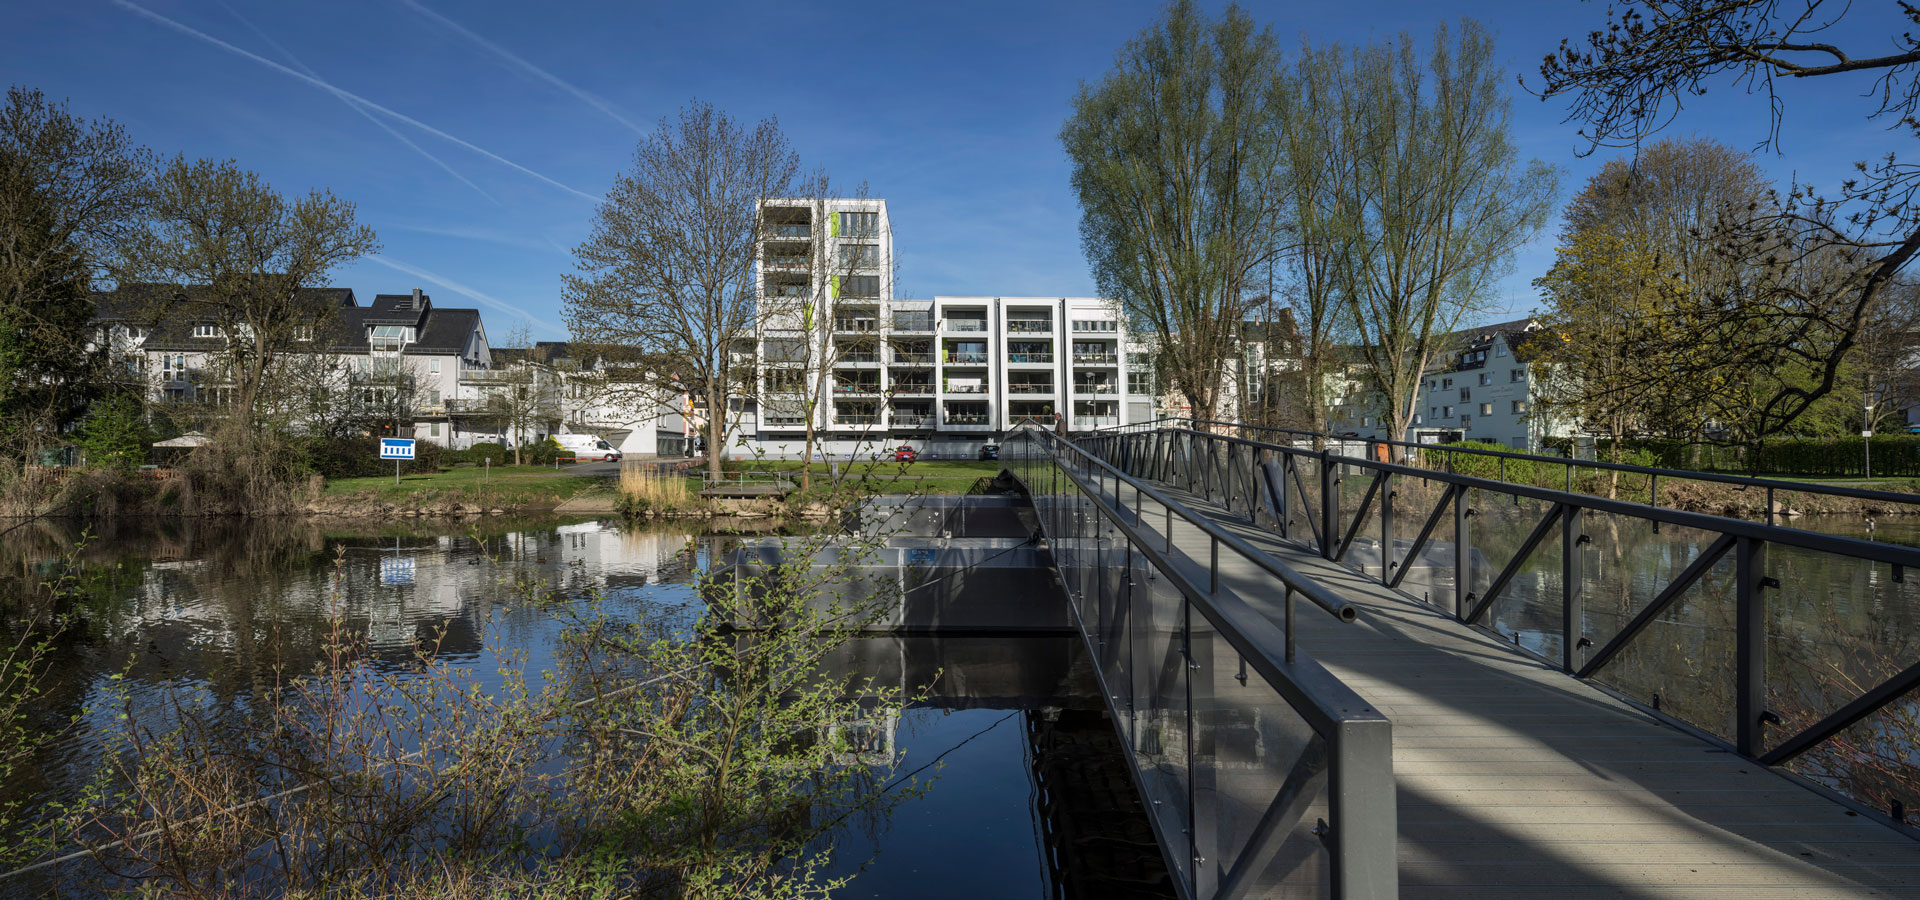 Ihr Architekturburo In Giessen Architekt Giessen Feldmann Architekten